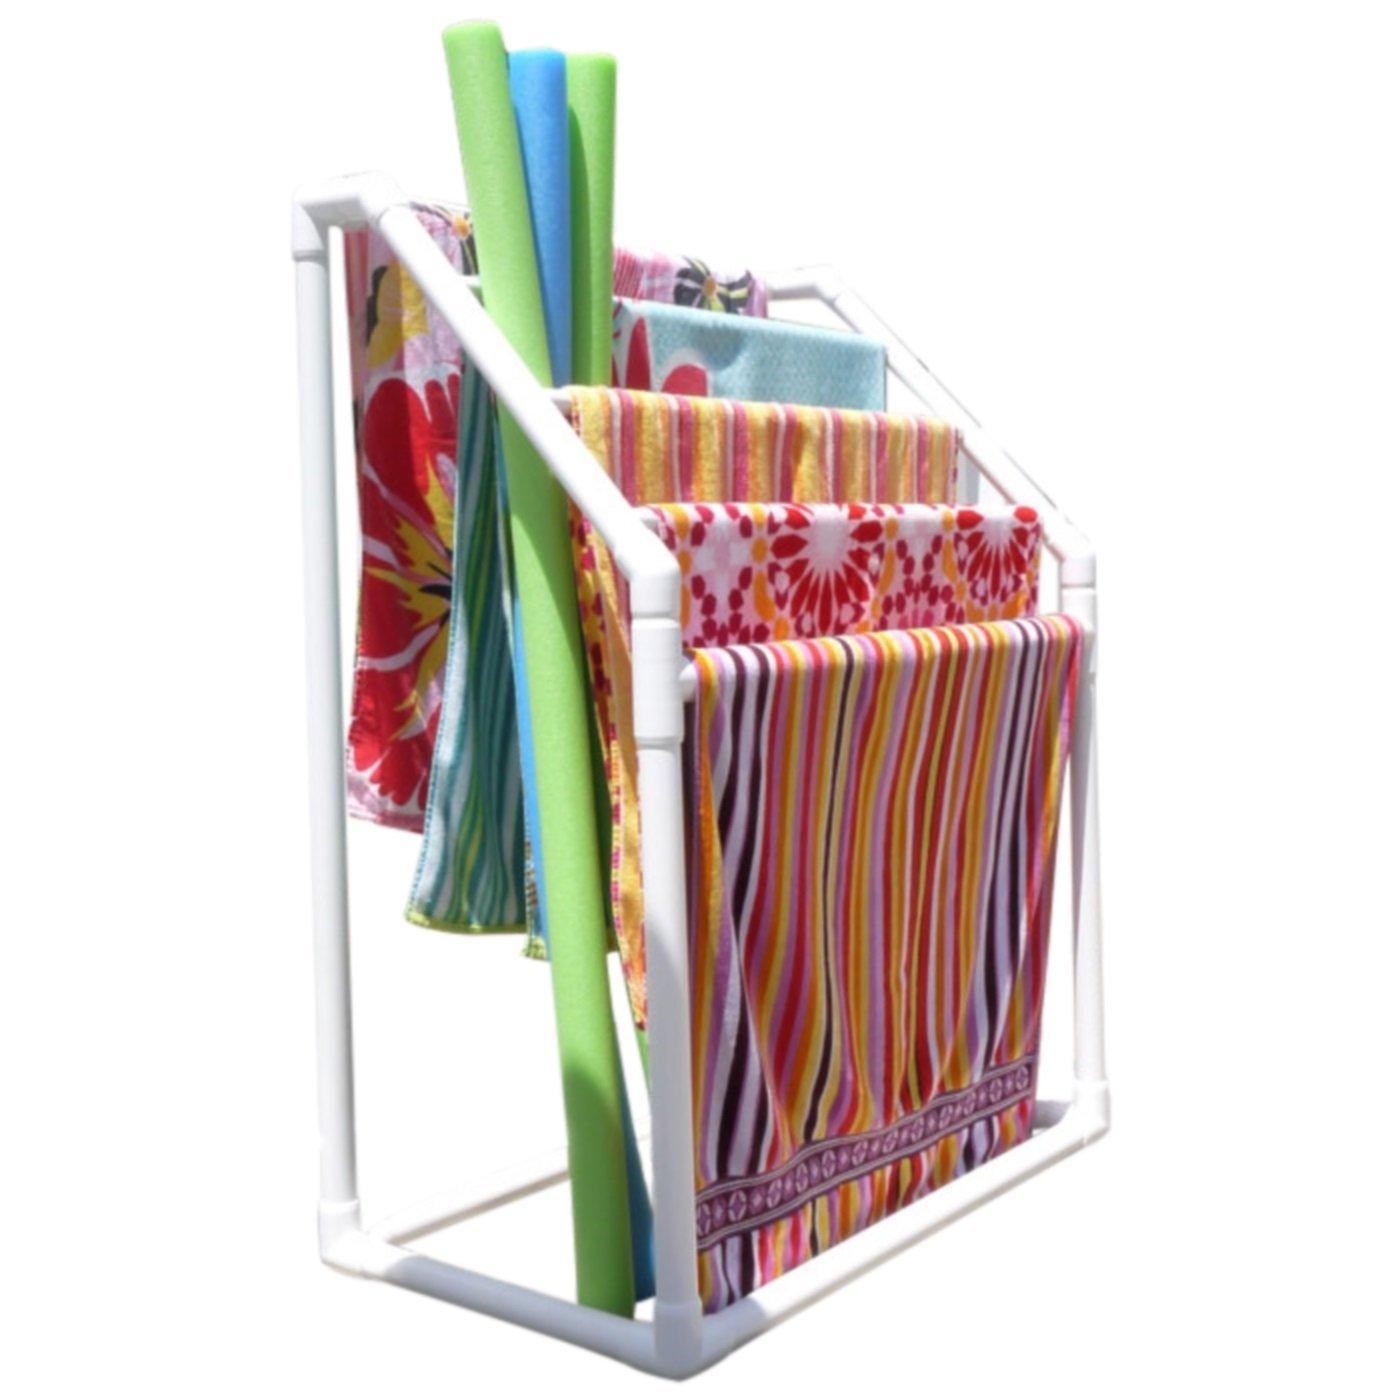 TowelMaid Outdoor 5 Bar Freestanding Towel Rack